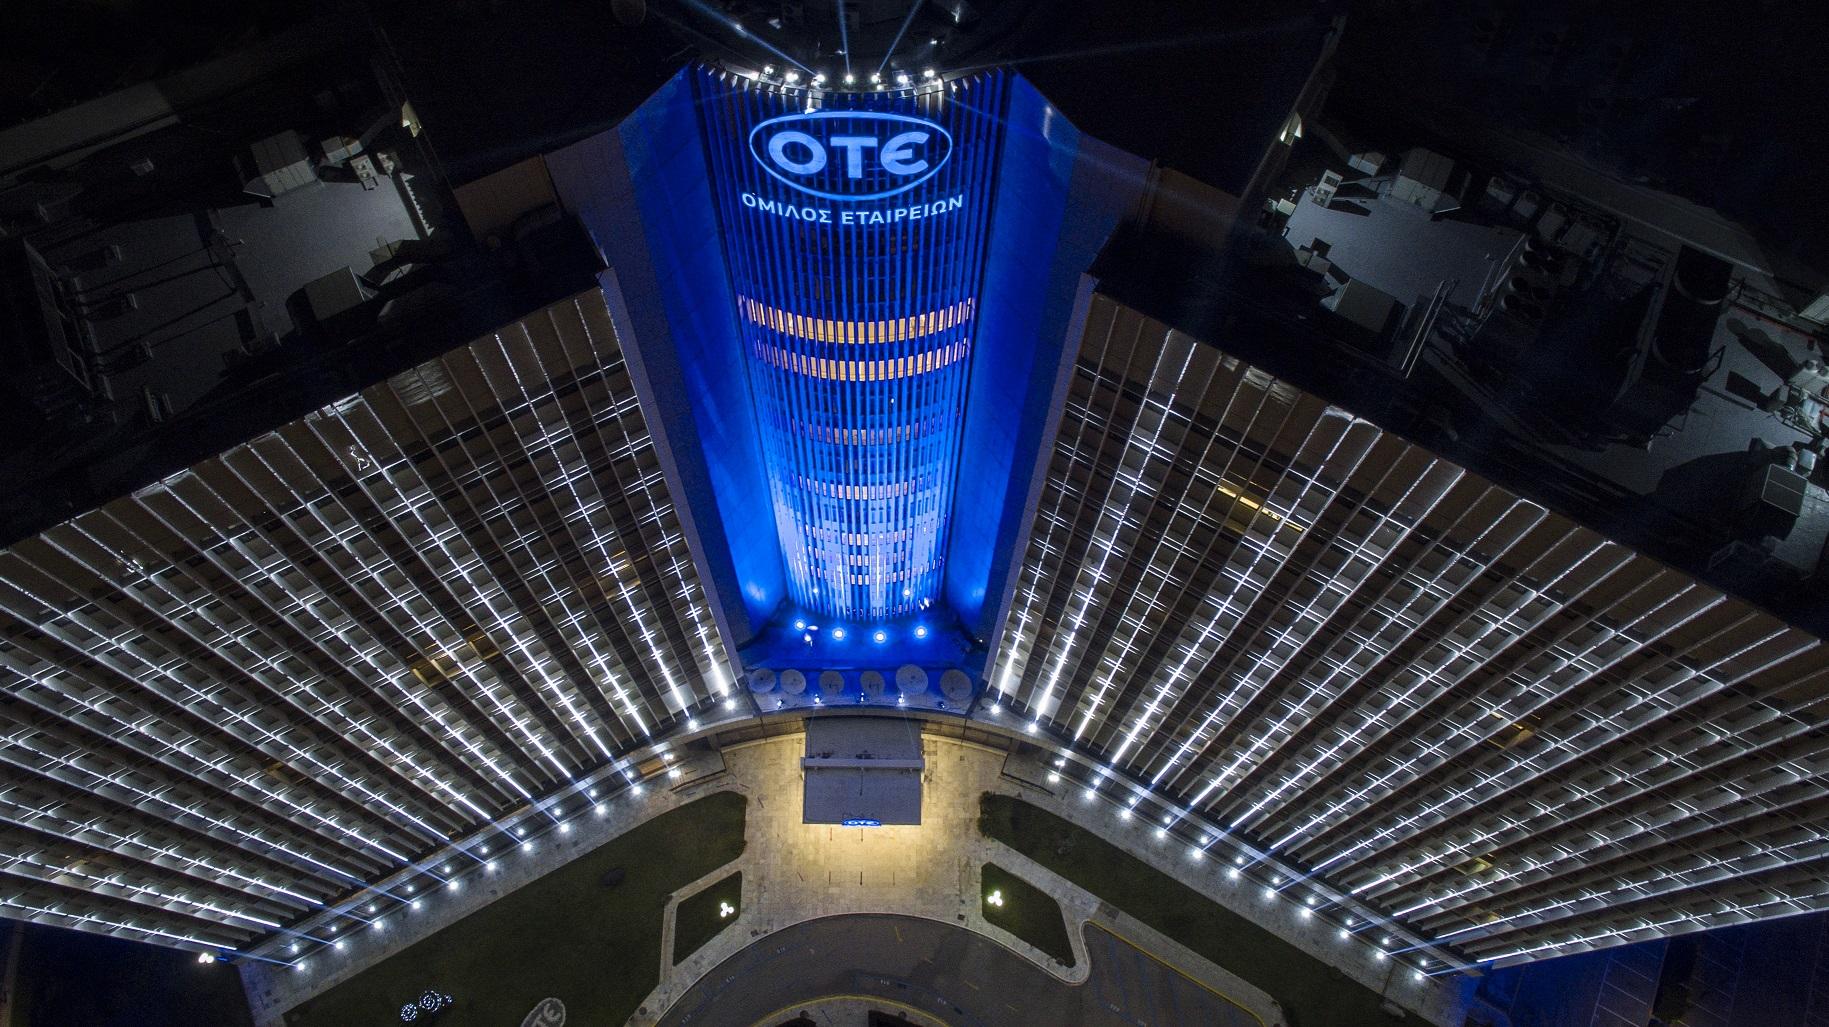 Όμιλος ΟΤΕ: Στo Top 10 των Most Admired Companies για ακόμη μια χρονιά!